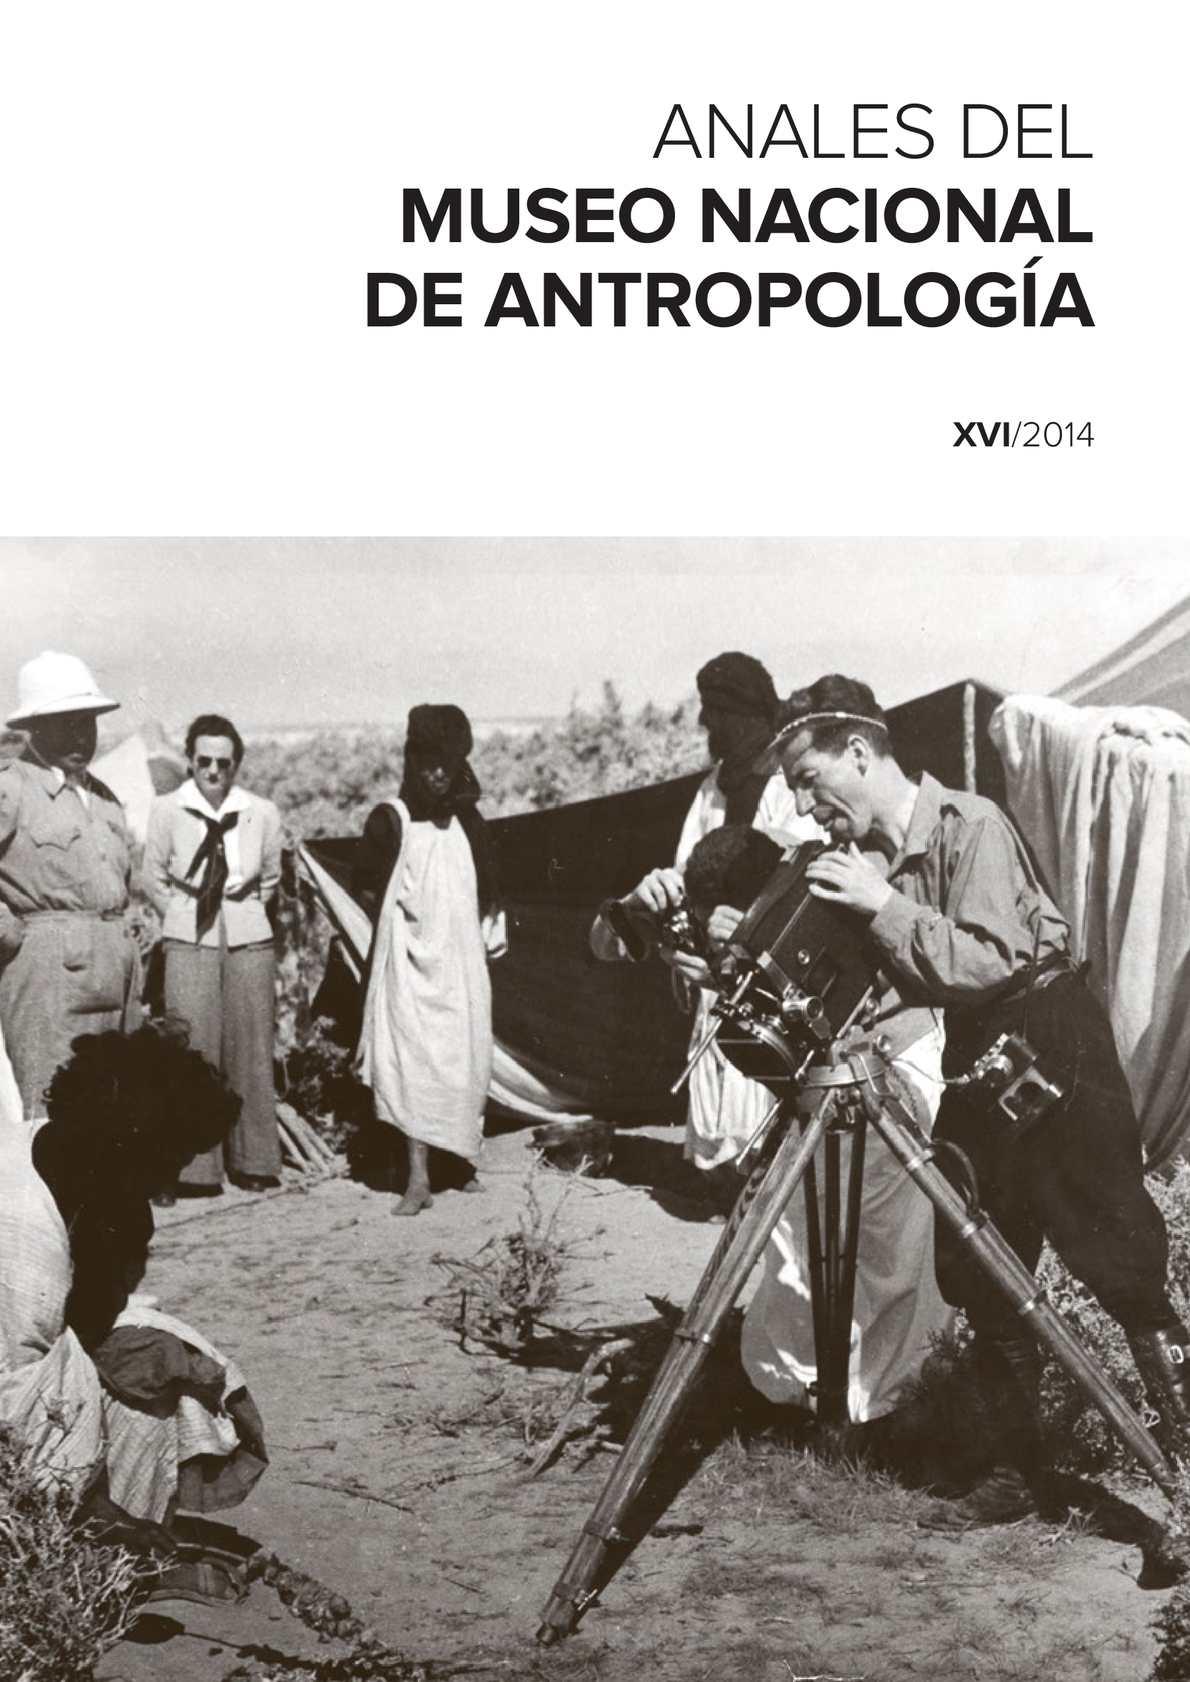 Calaméo - Anales del Museo Nacional de Antropología XVI/2014